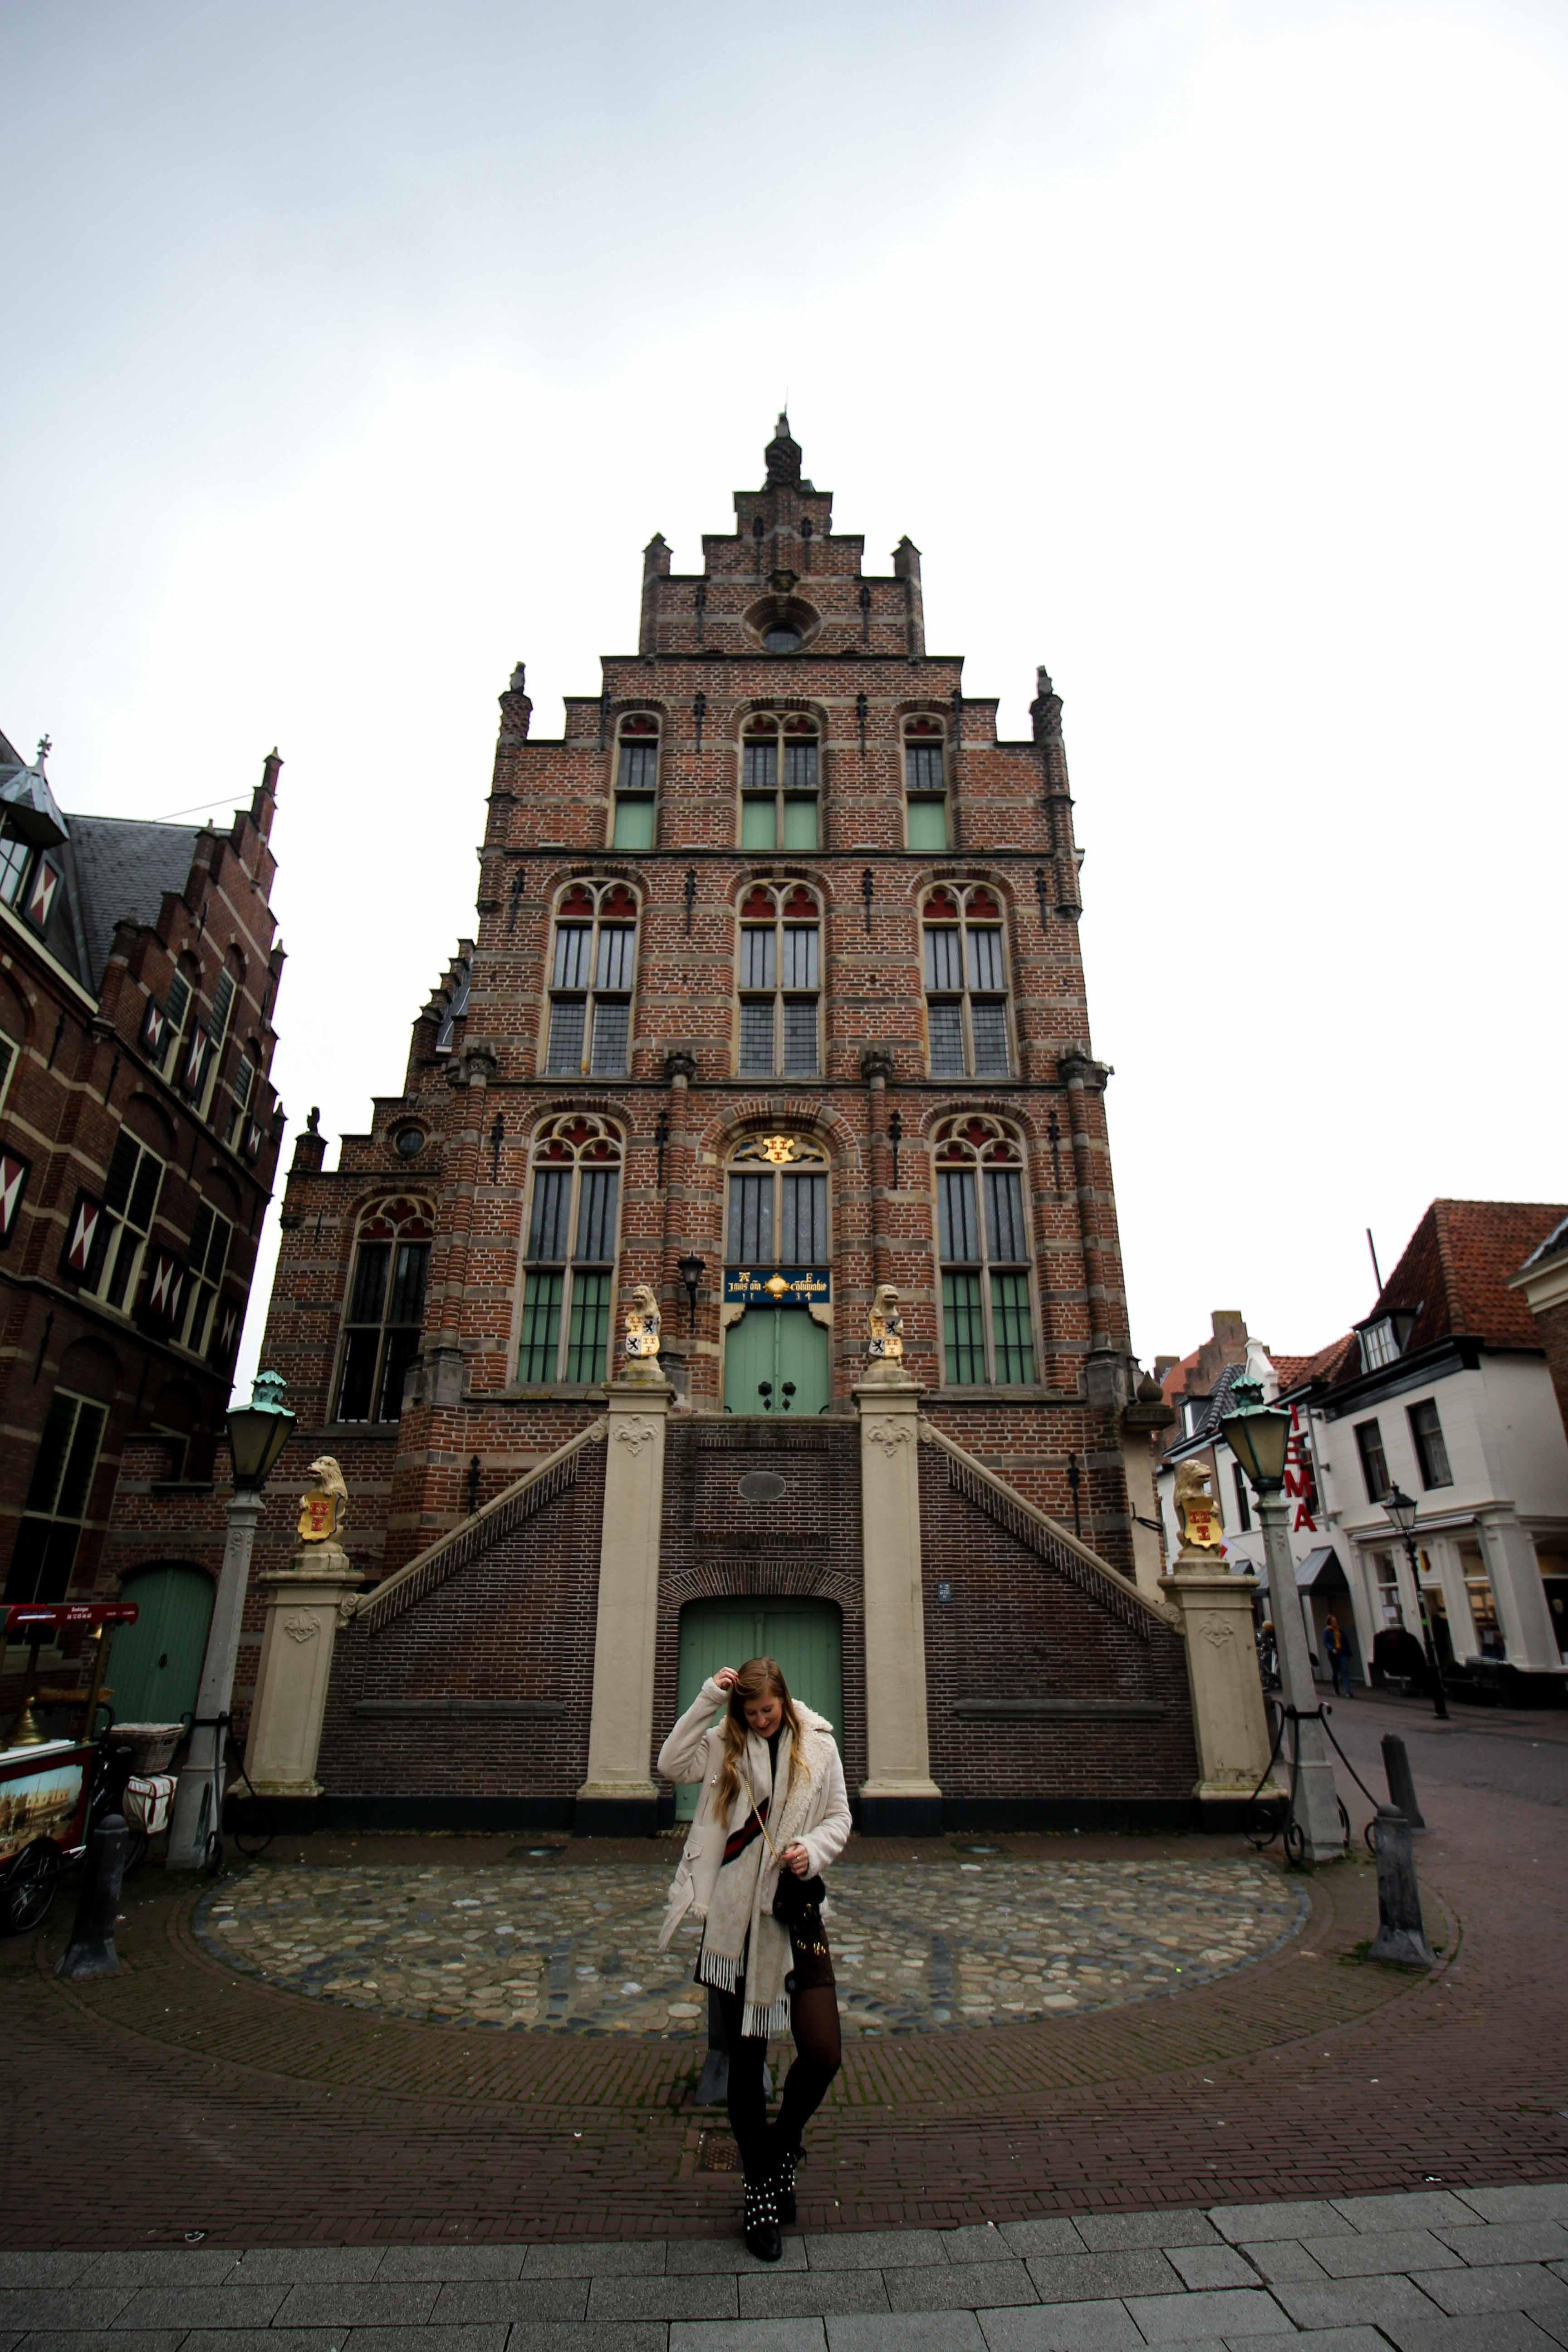 Wochenendtrip Holland Culemborg Innenstadt Altstadt das andere Holland Reiseblog Ausflug von Deutschland